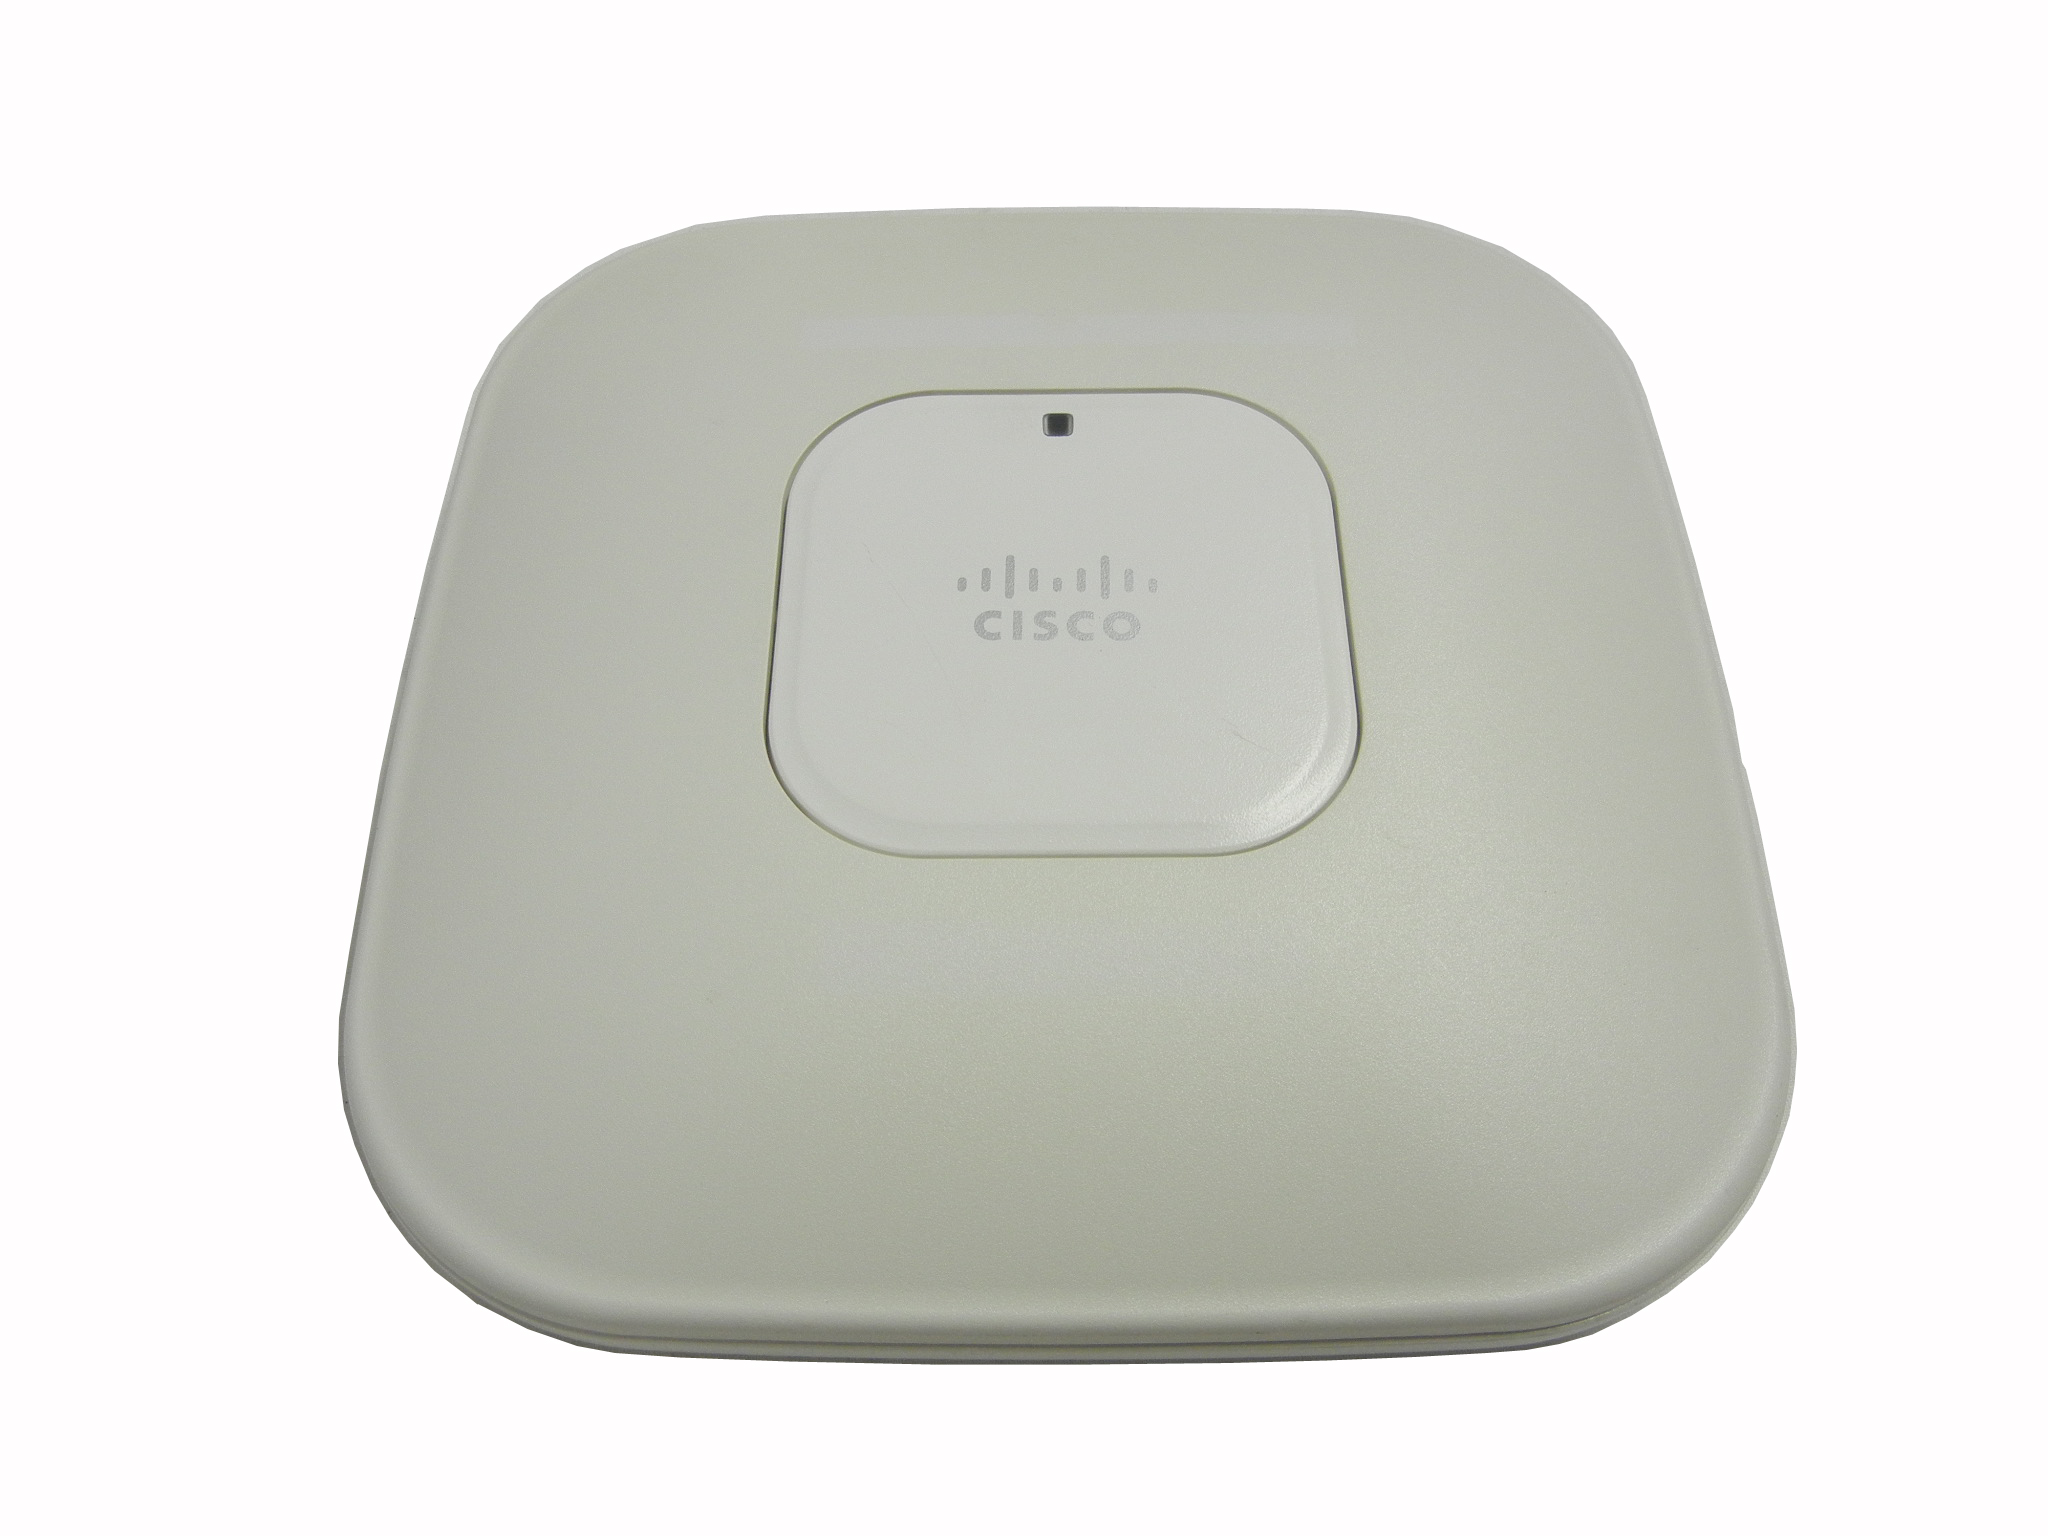 【中古品】Cisco Aironet 1140シリーズ アクセス ポイント(AIR-LAP-1141N-E-K9)